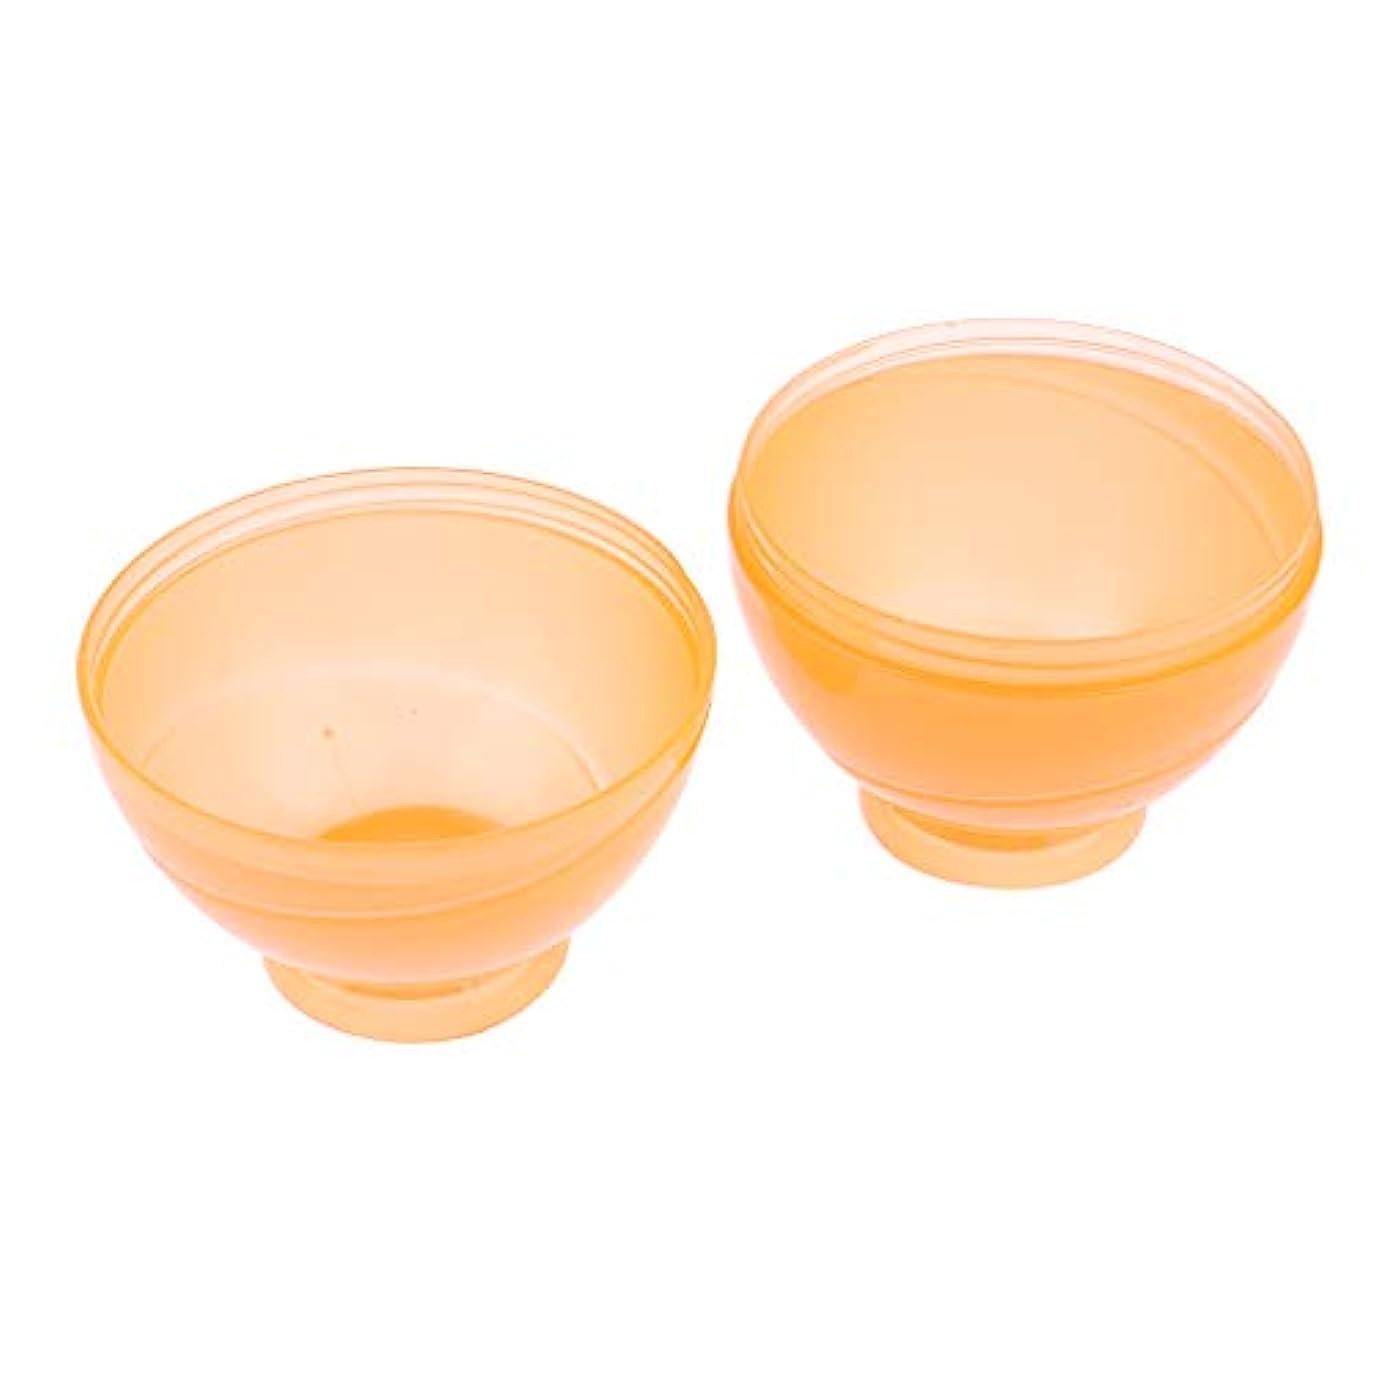 池たくさんの偽造カラーボウル ヘアカラー ミキシングボトル プロ 美容師 キャンディー形状 便利 漏れ防止 全3色 - オレンジ